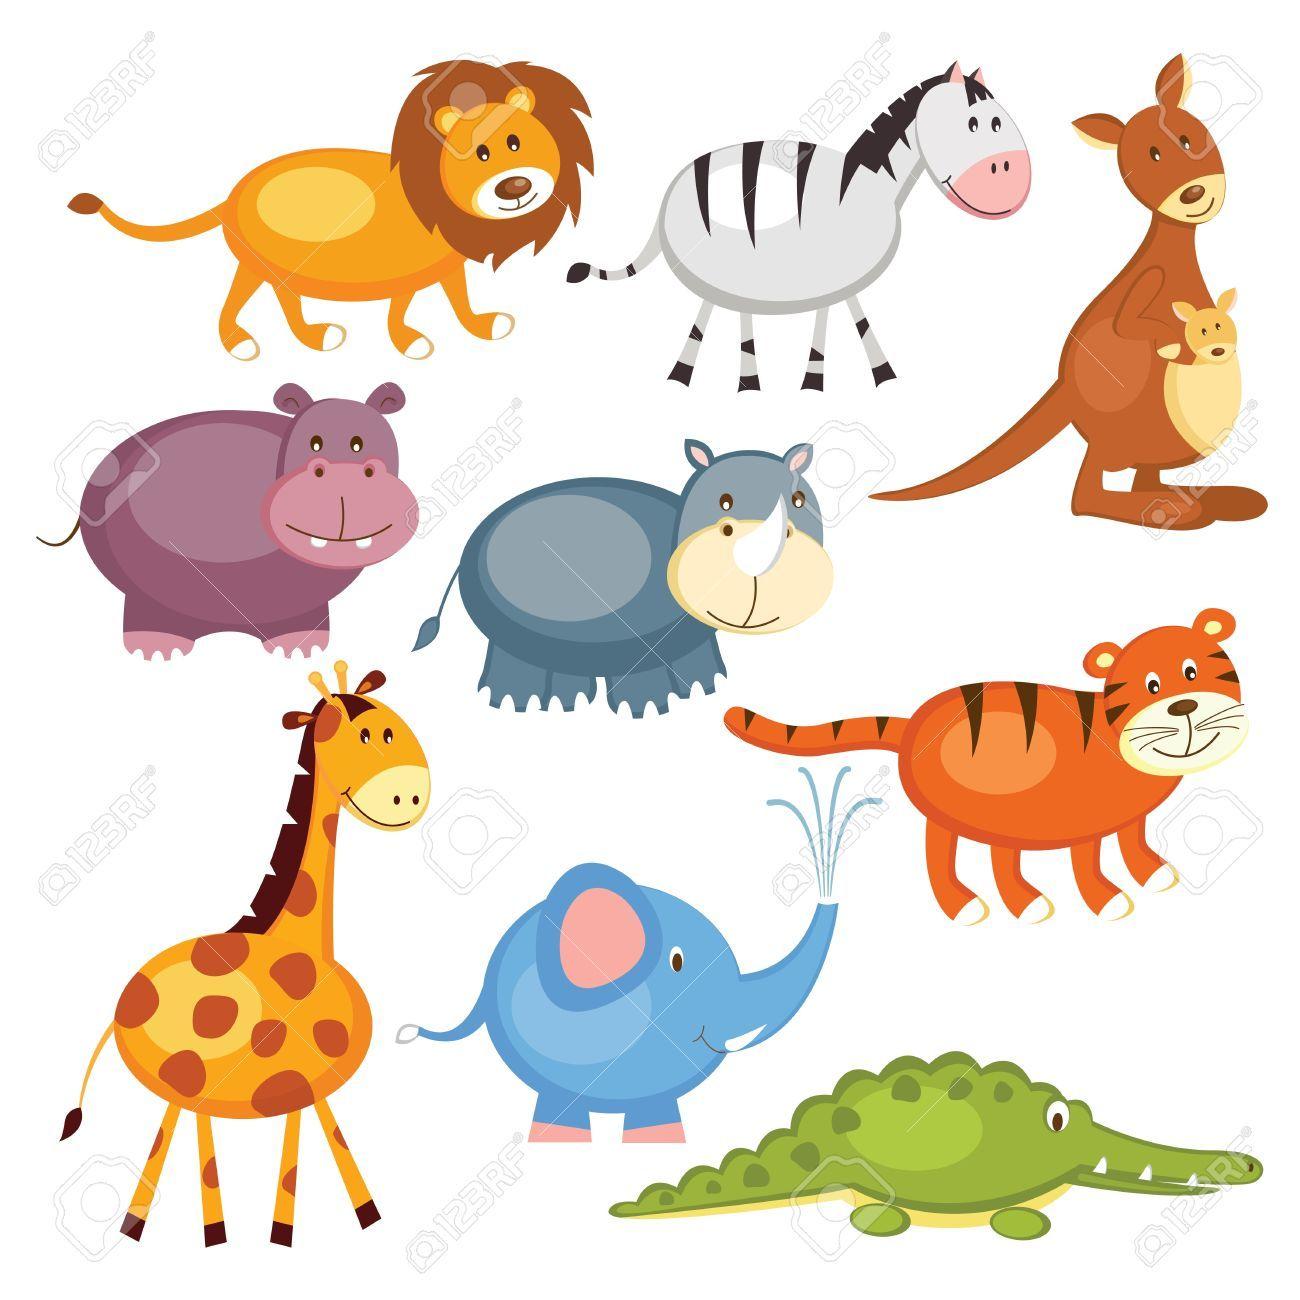 Dessin animaux facile recherche google projet 100 - Dessins animaux ...